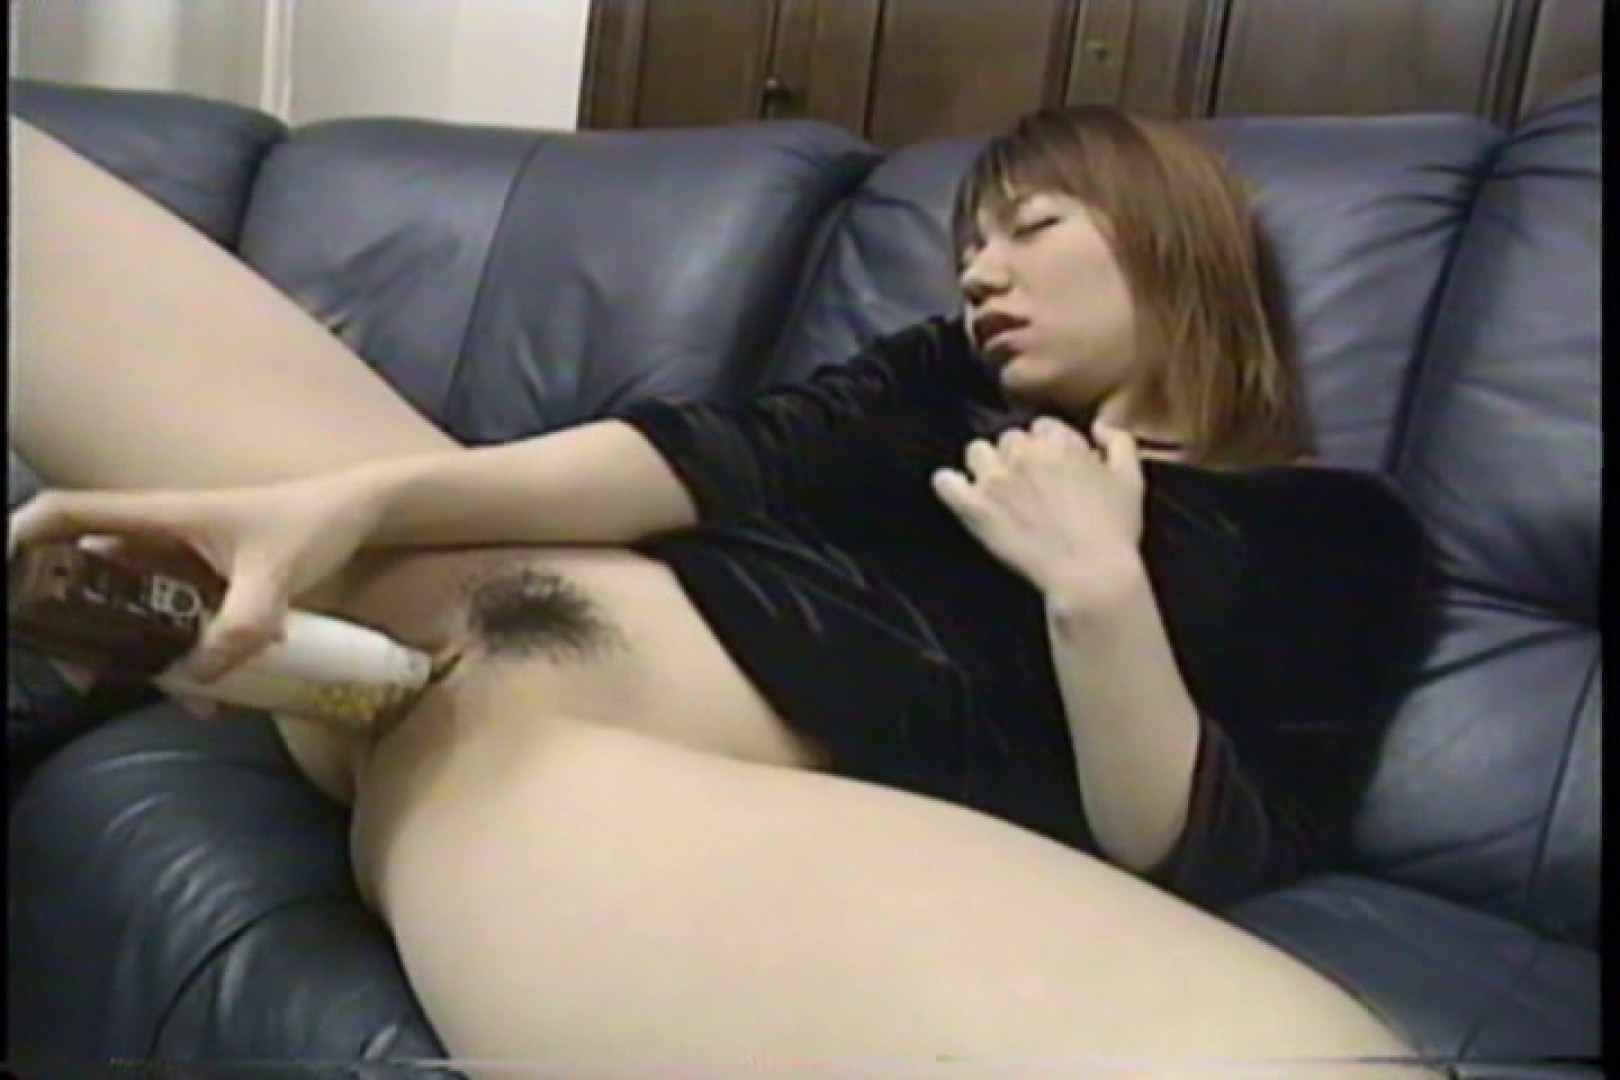 かわいい人妻、巨乳が疼いて止まらない~飯島れいか~ バイブプレイ  106pic 65